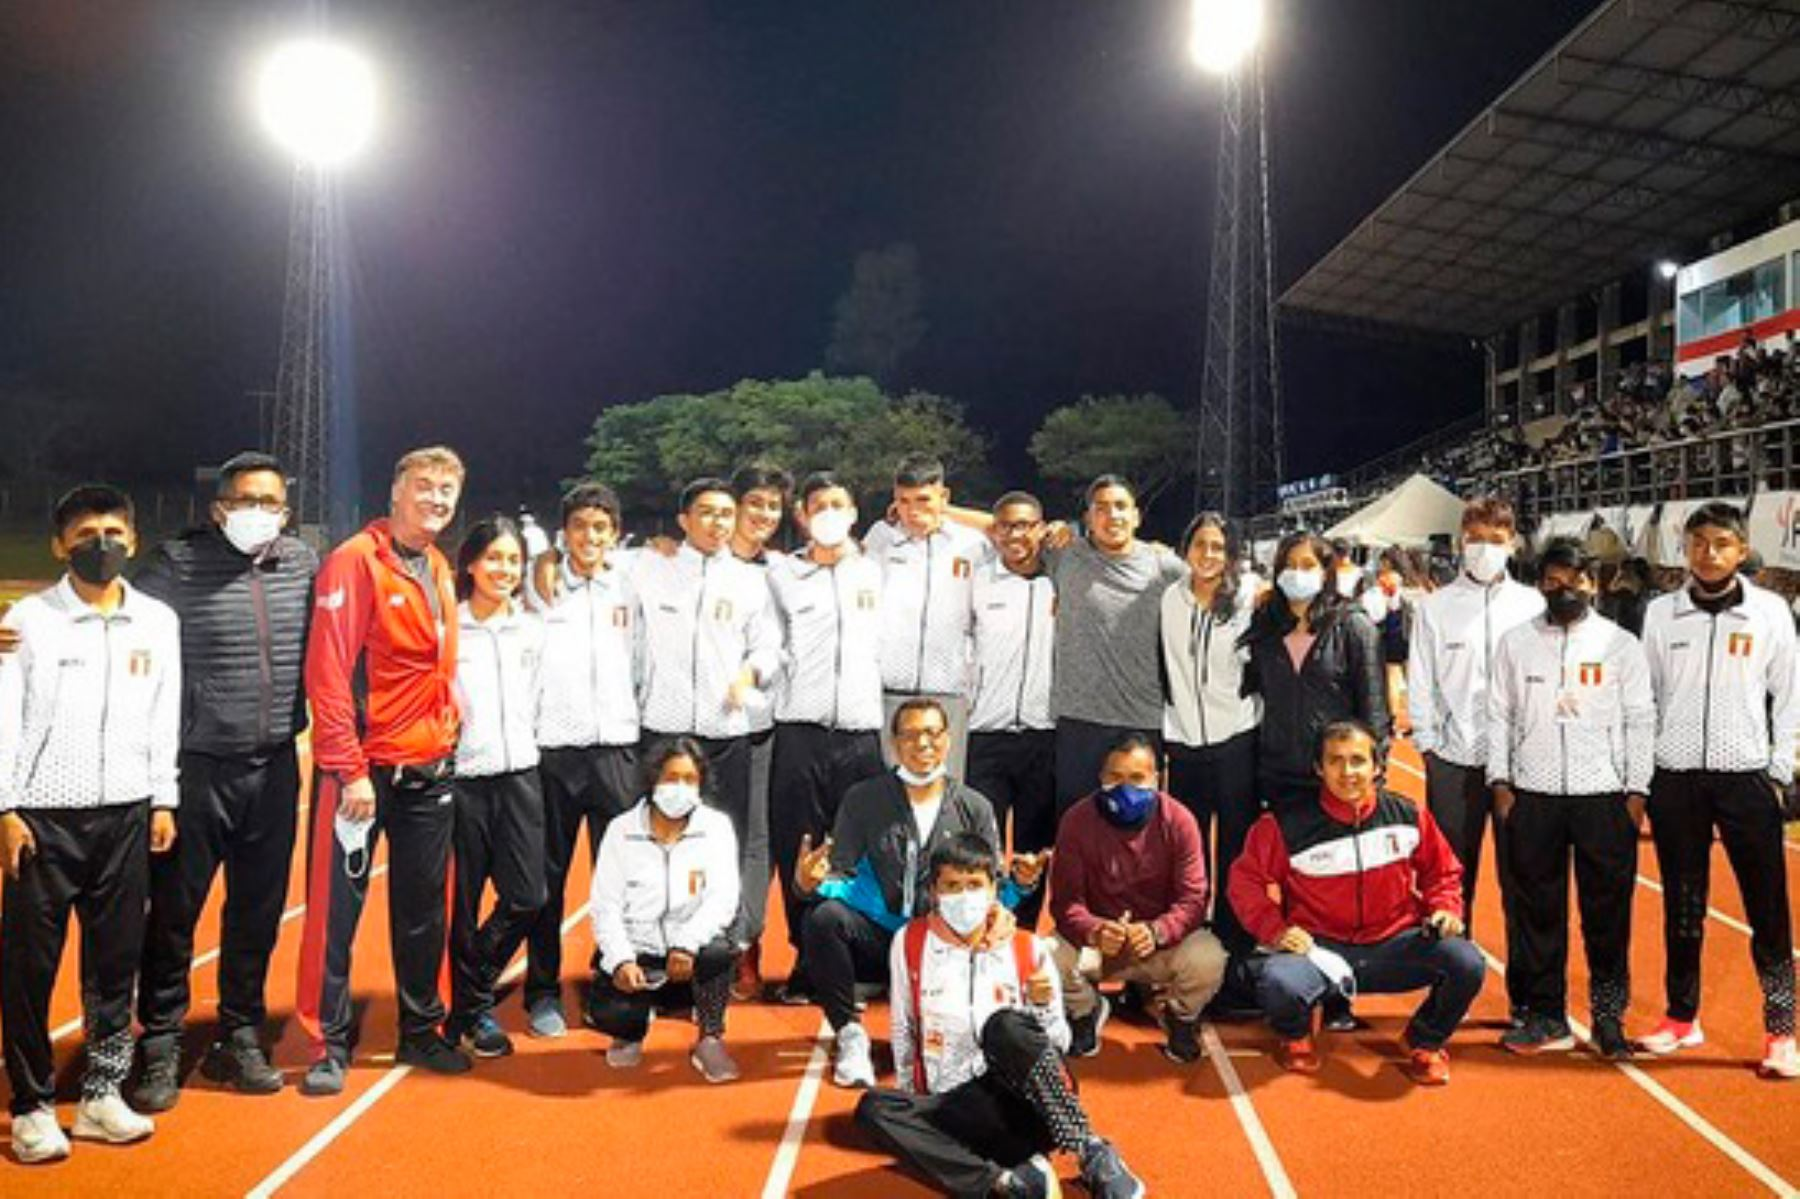 Selección peruana de atletismo gana 4 medallas en sudamericano sub 18 en Paraguay